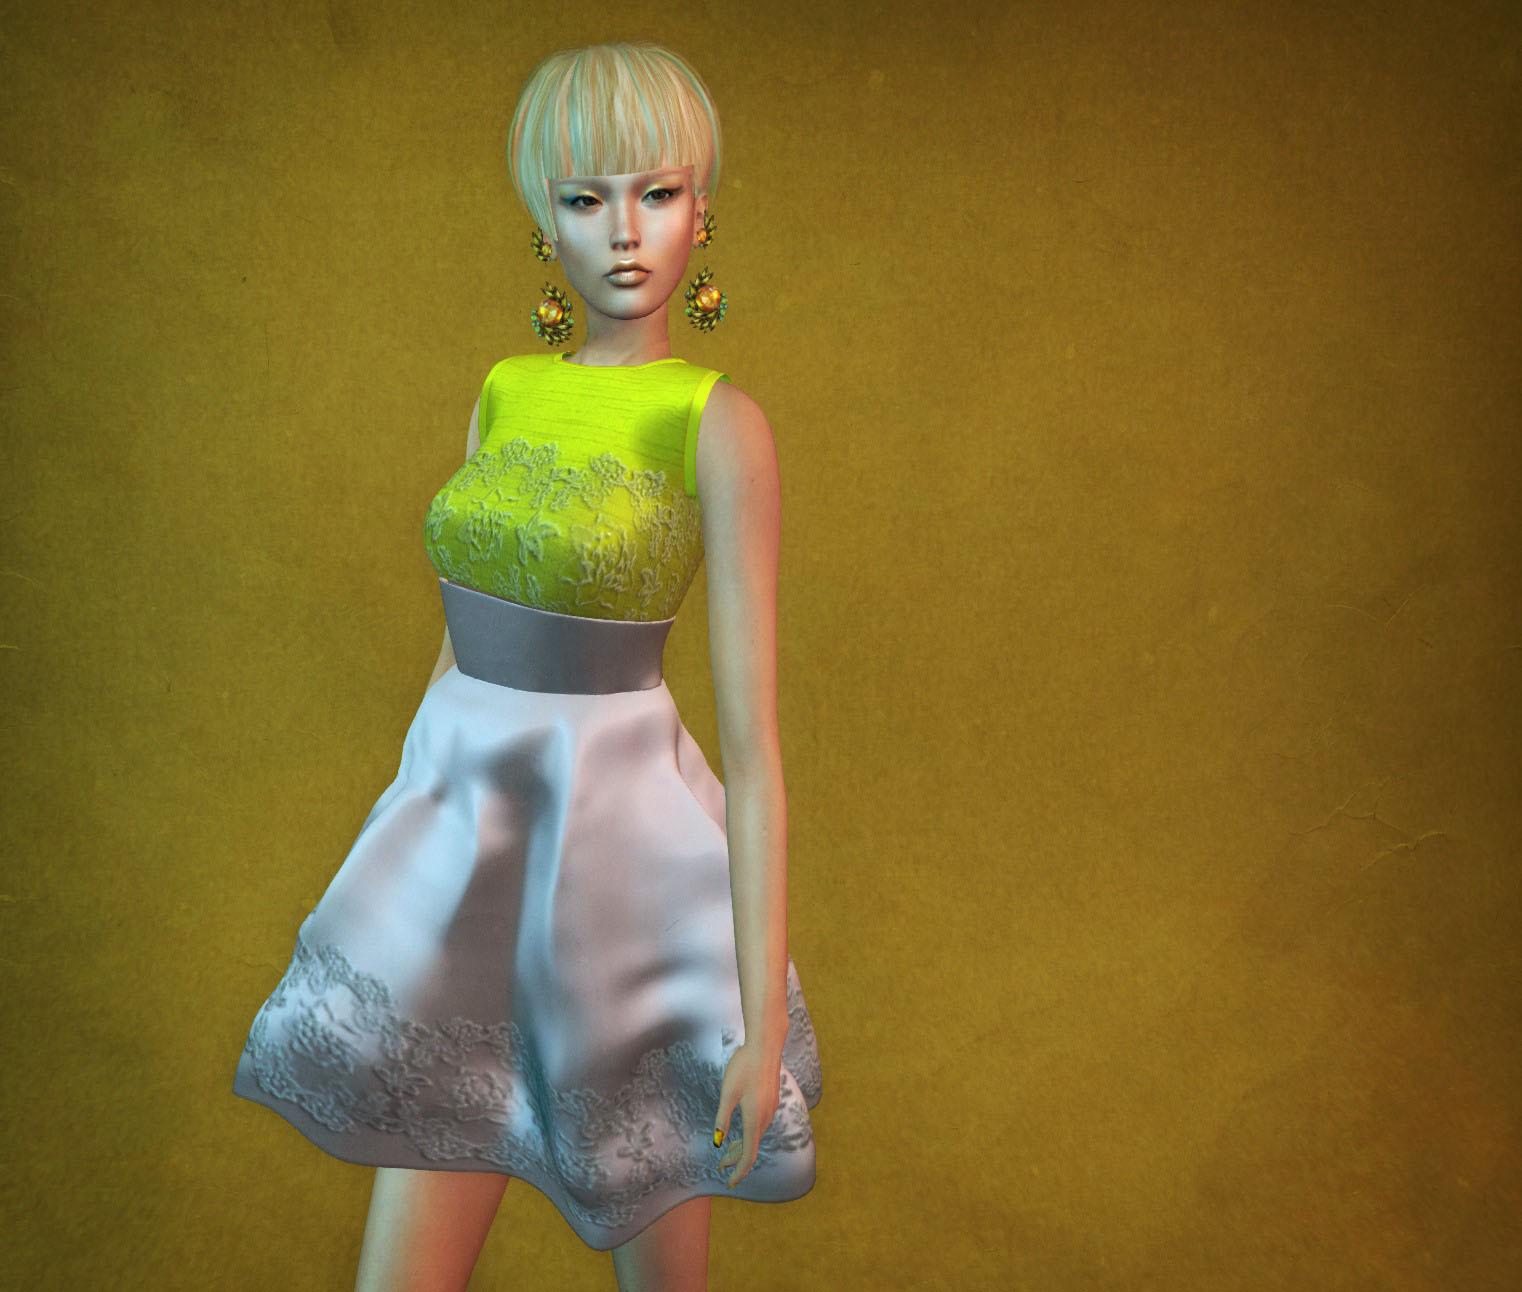 Nina in yellow